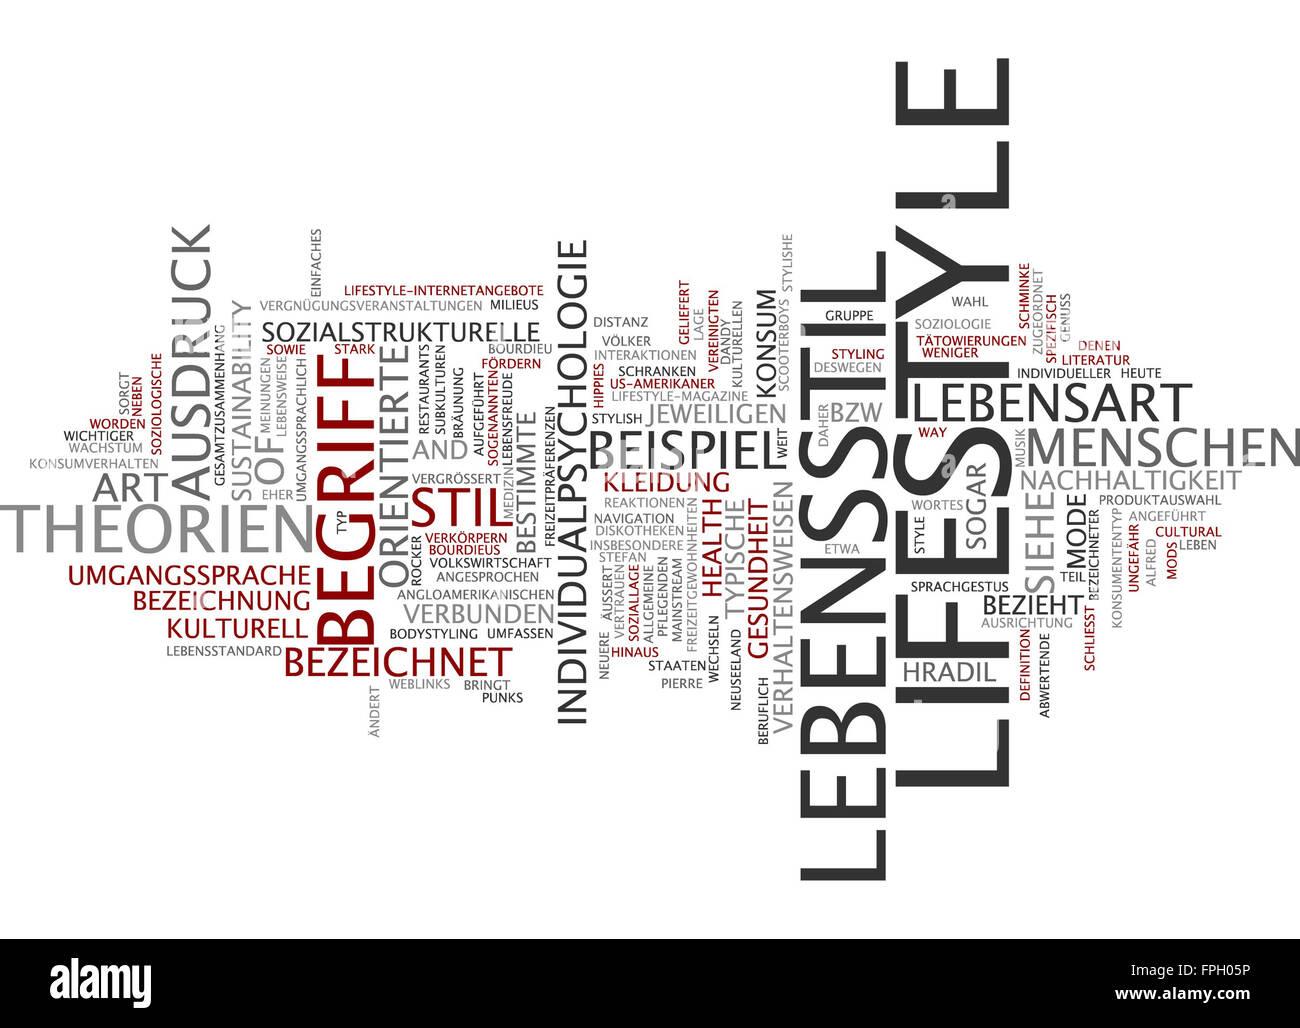 lifestyle lebensstil ausdruck begriff leben stil - Stock Image